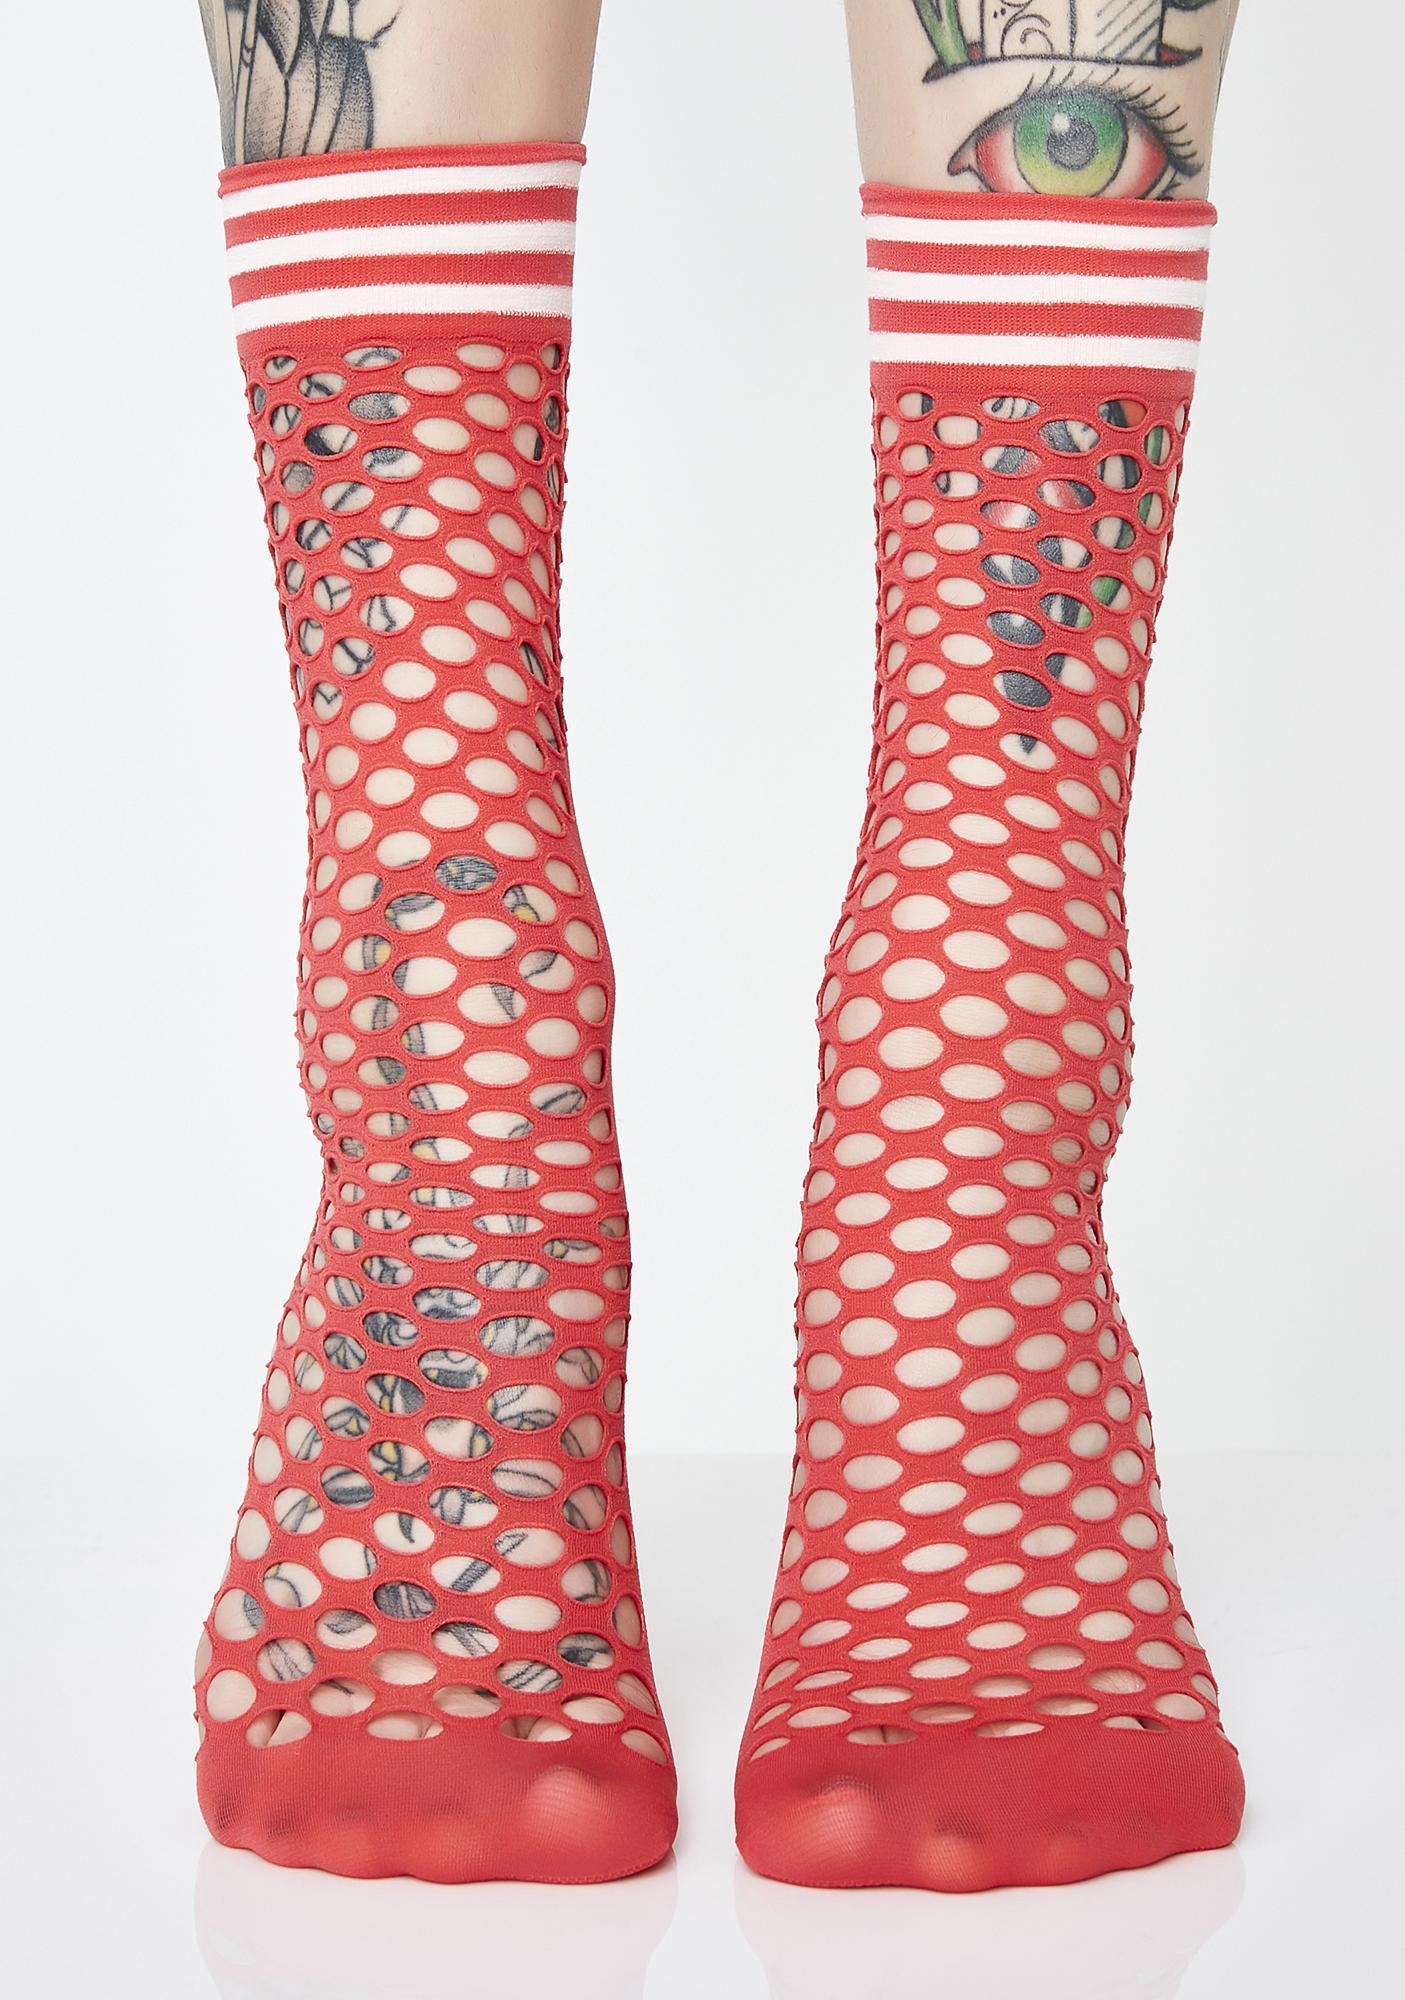 You Bettah Werk Fishnet Socks